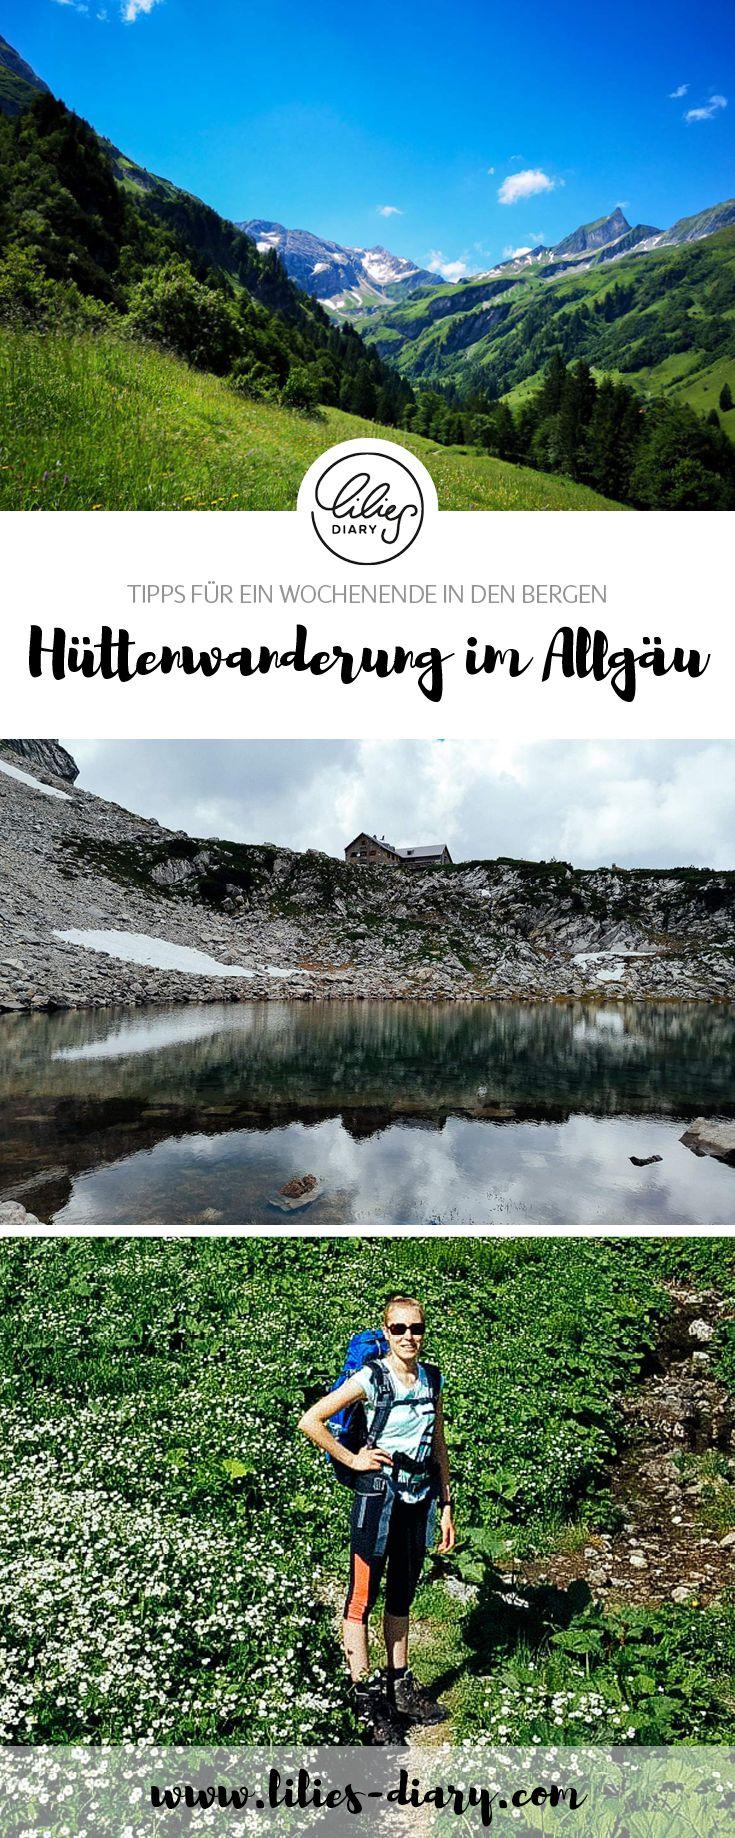 Hüttenwanderung im Allgäu – Tipps für ein Wochenende in den Bergen – WANDERN UND OUTDOOR